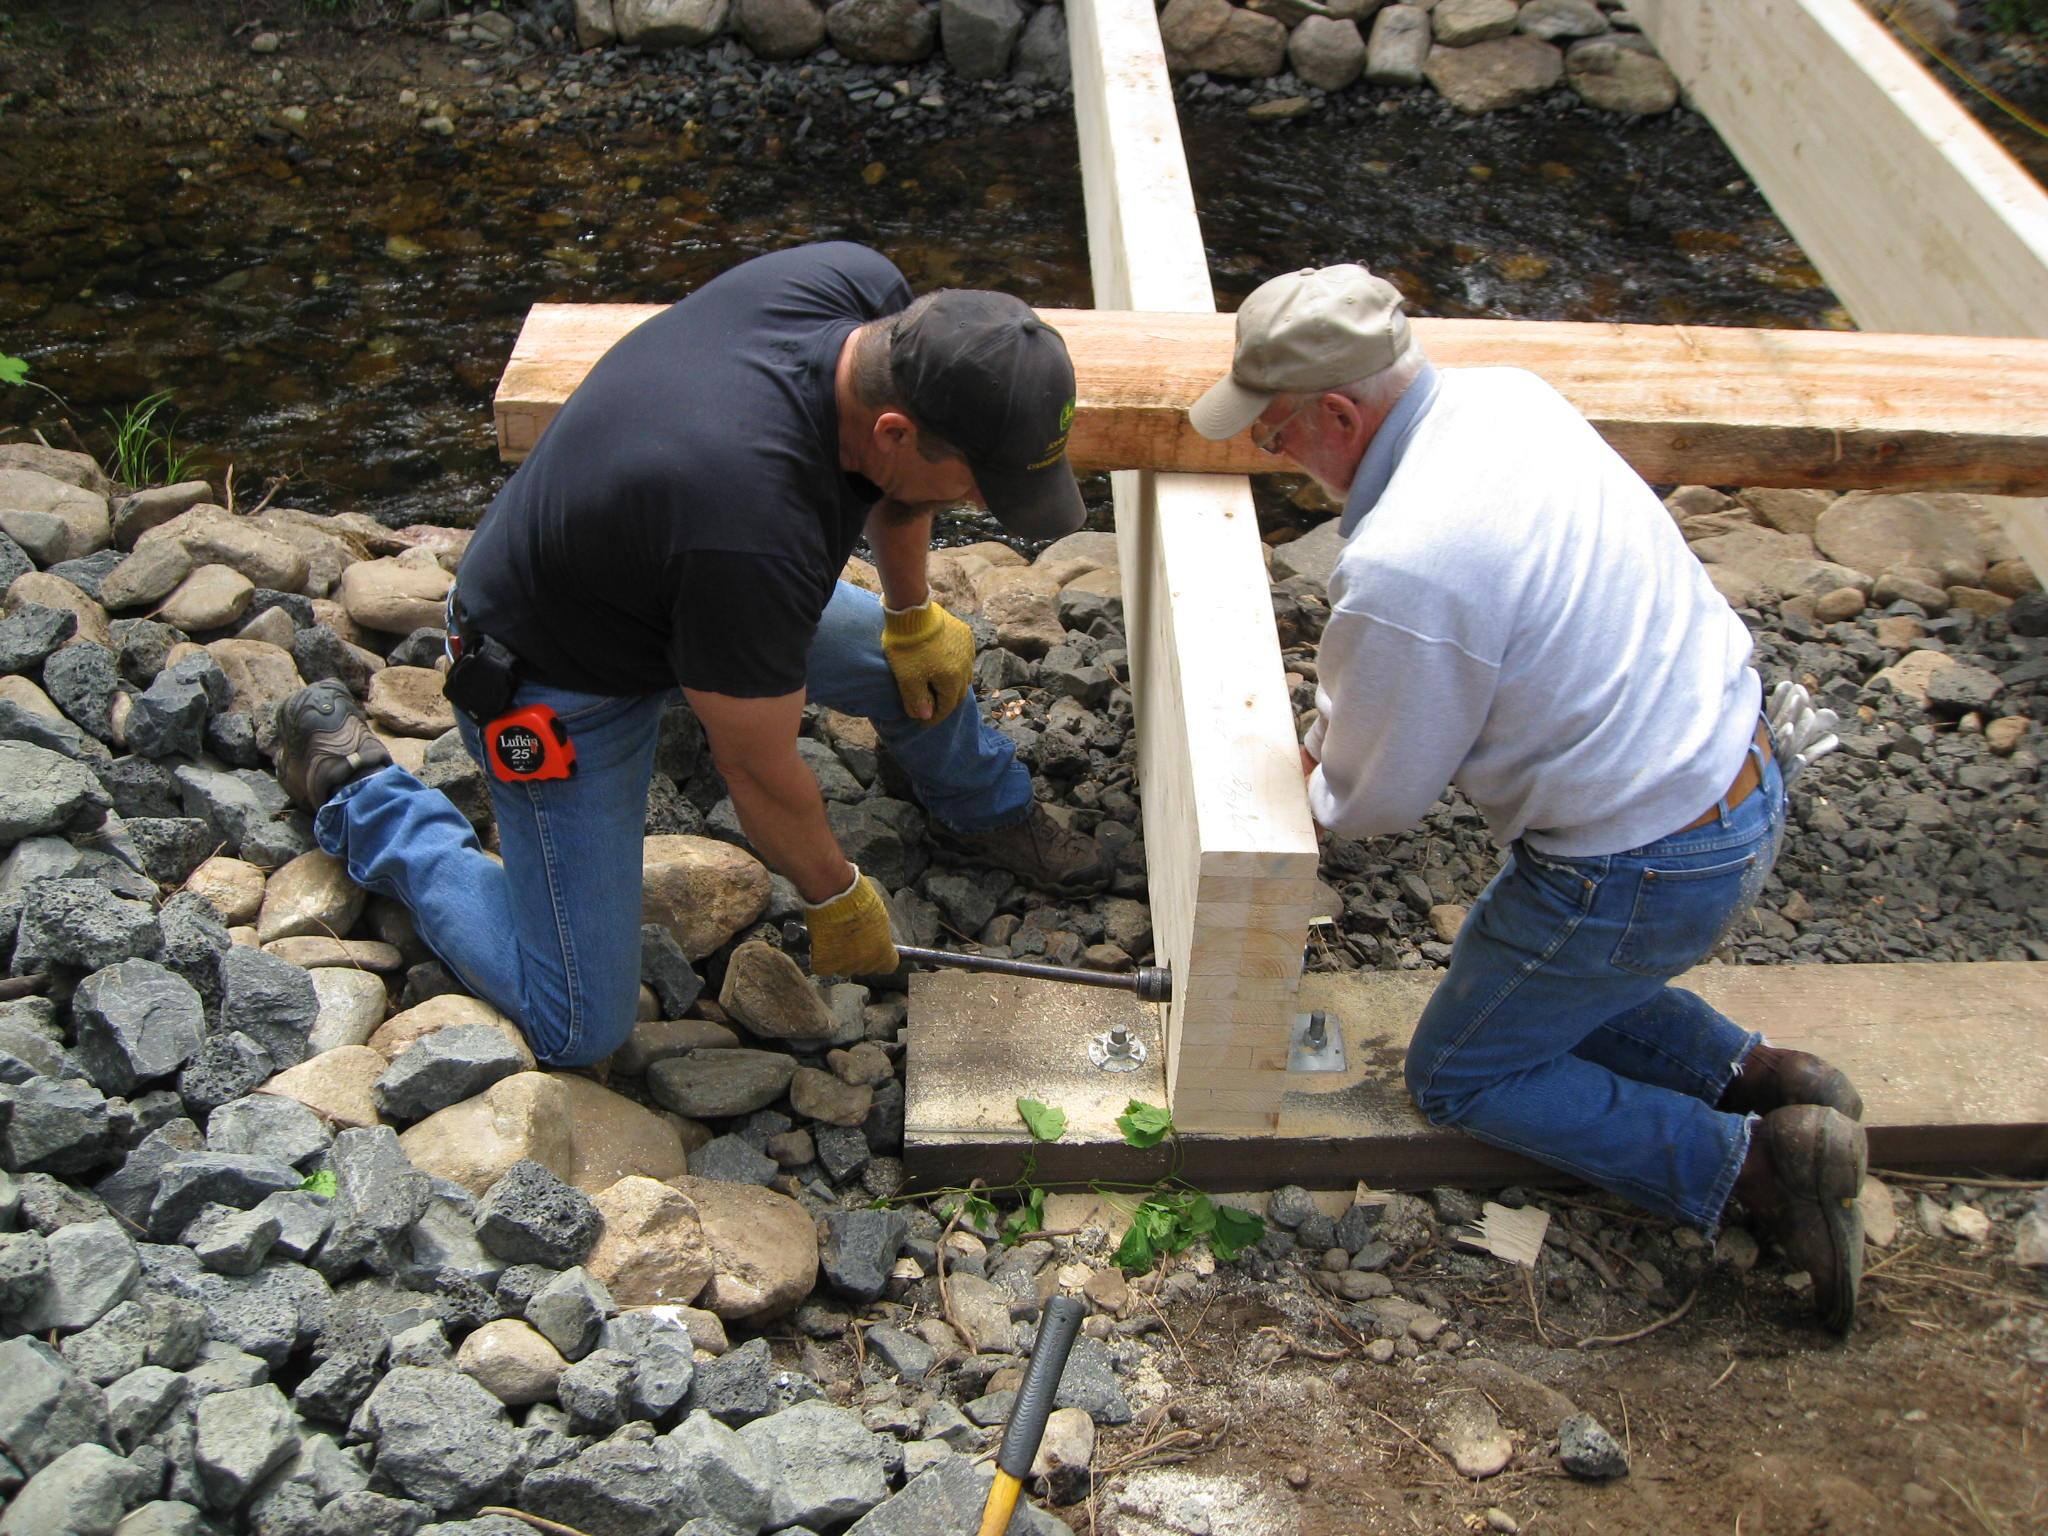 Building a bridge at Liberty Lake County Park